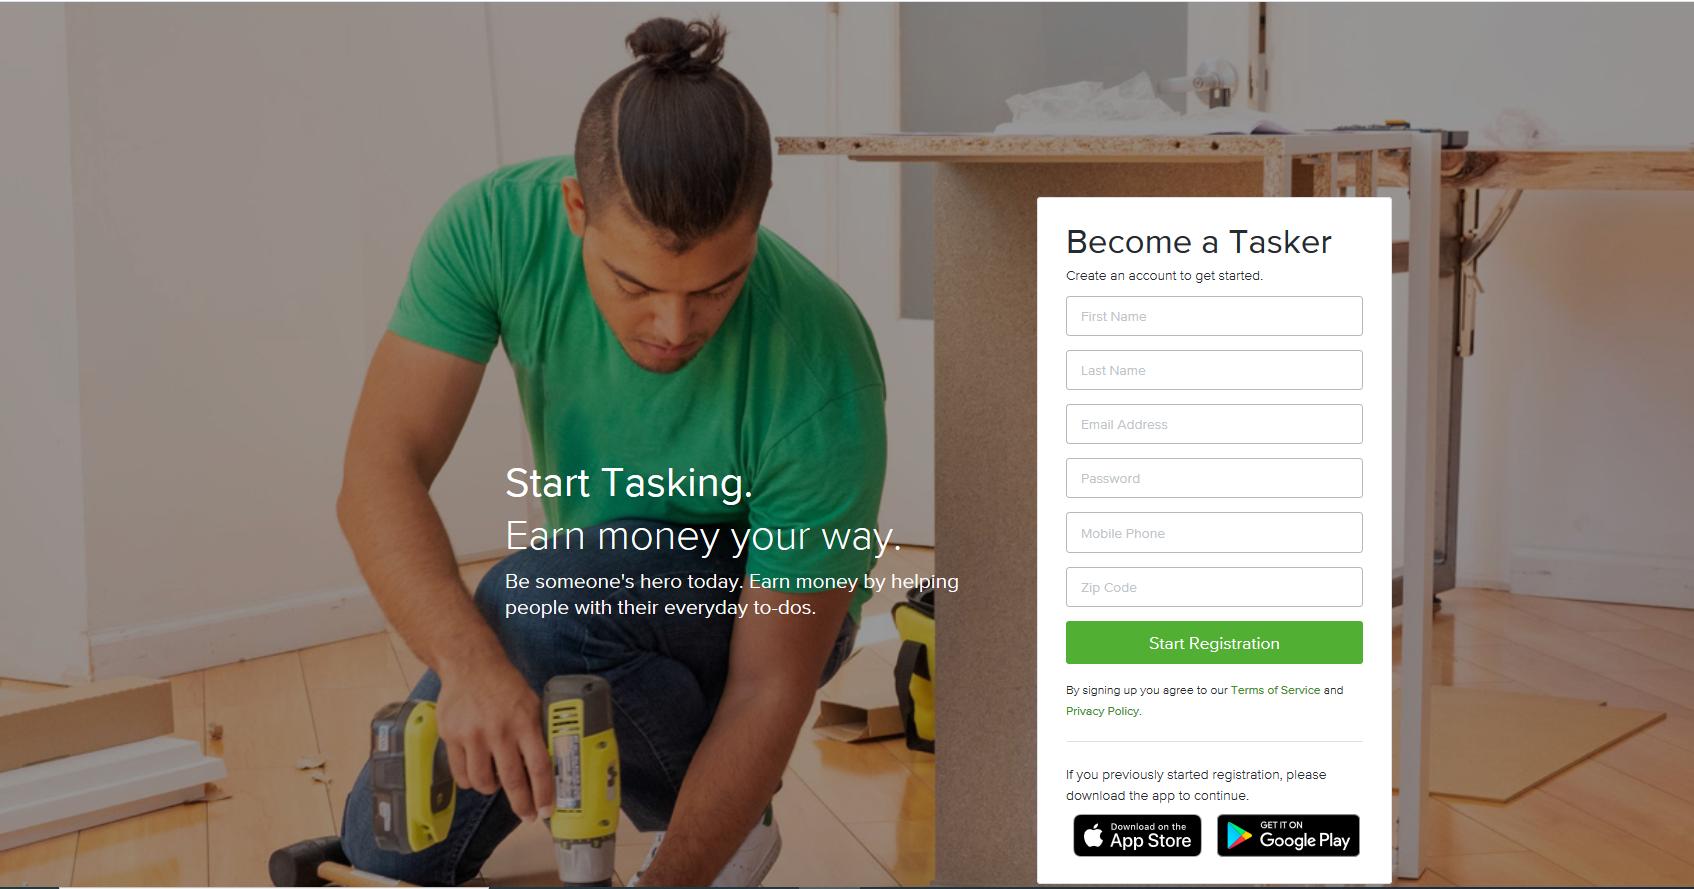 taskrabbit - become a tasker